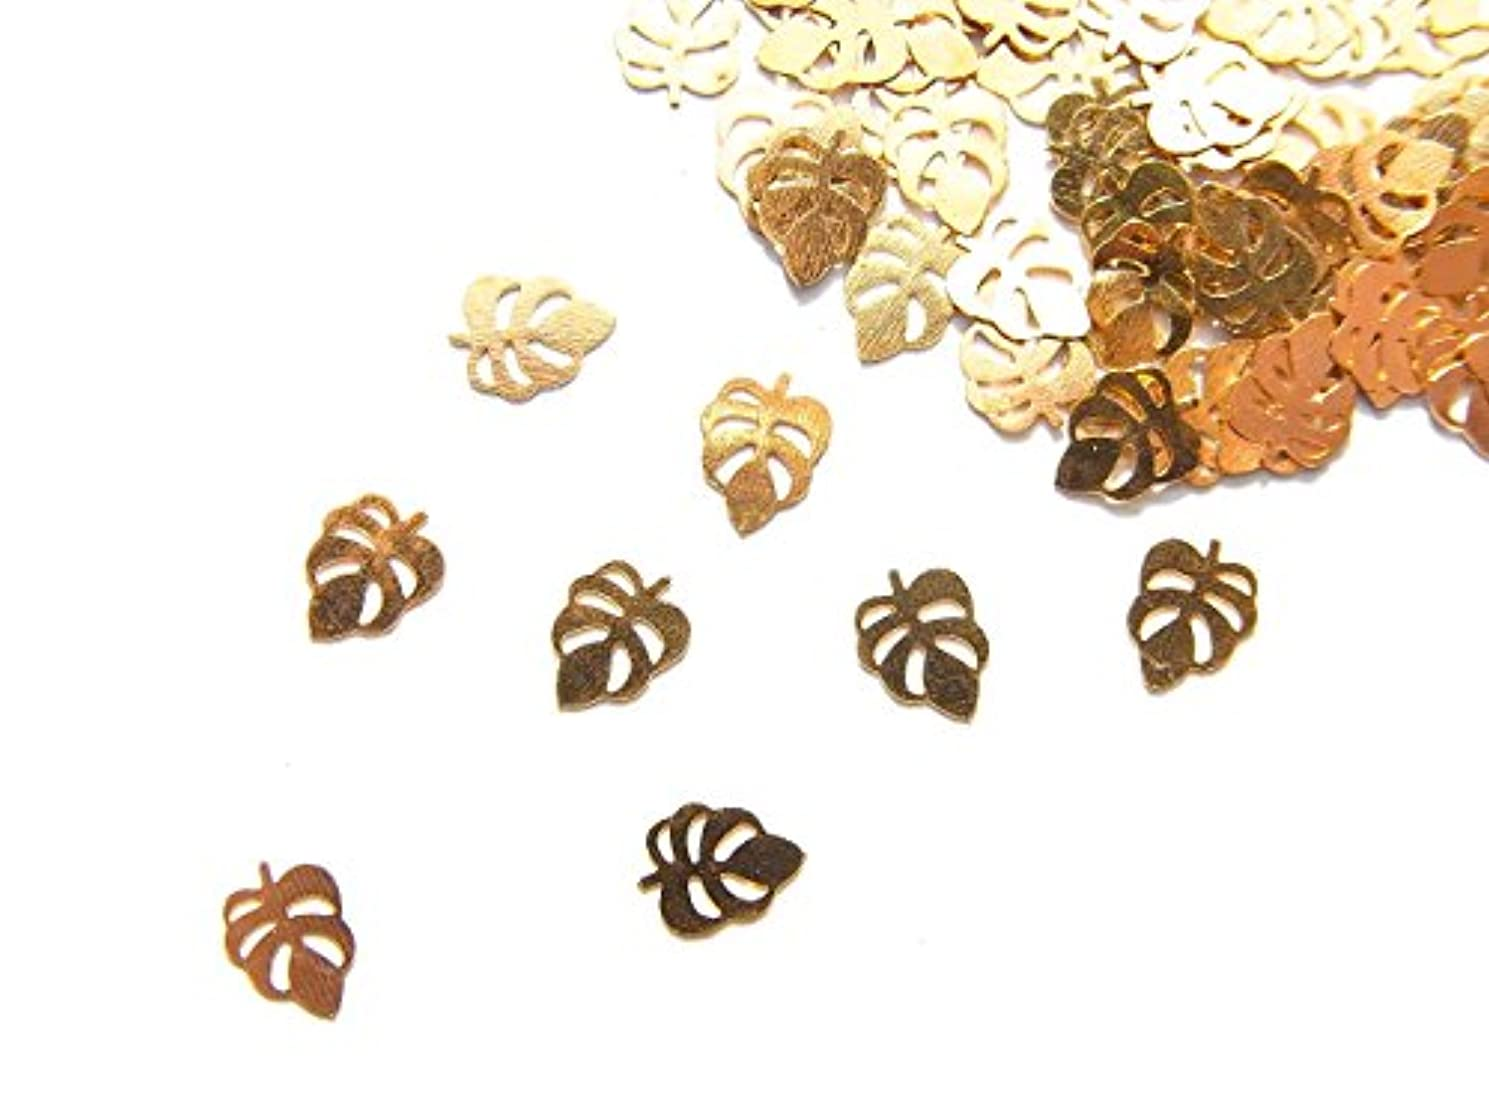 脇にリフト疑い者【jewel】ug30 薄型ゴールド メタルパーツ 葉っぱ リーフ 10個入り ネイルアートパーツ レジンパーツ